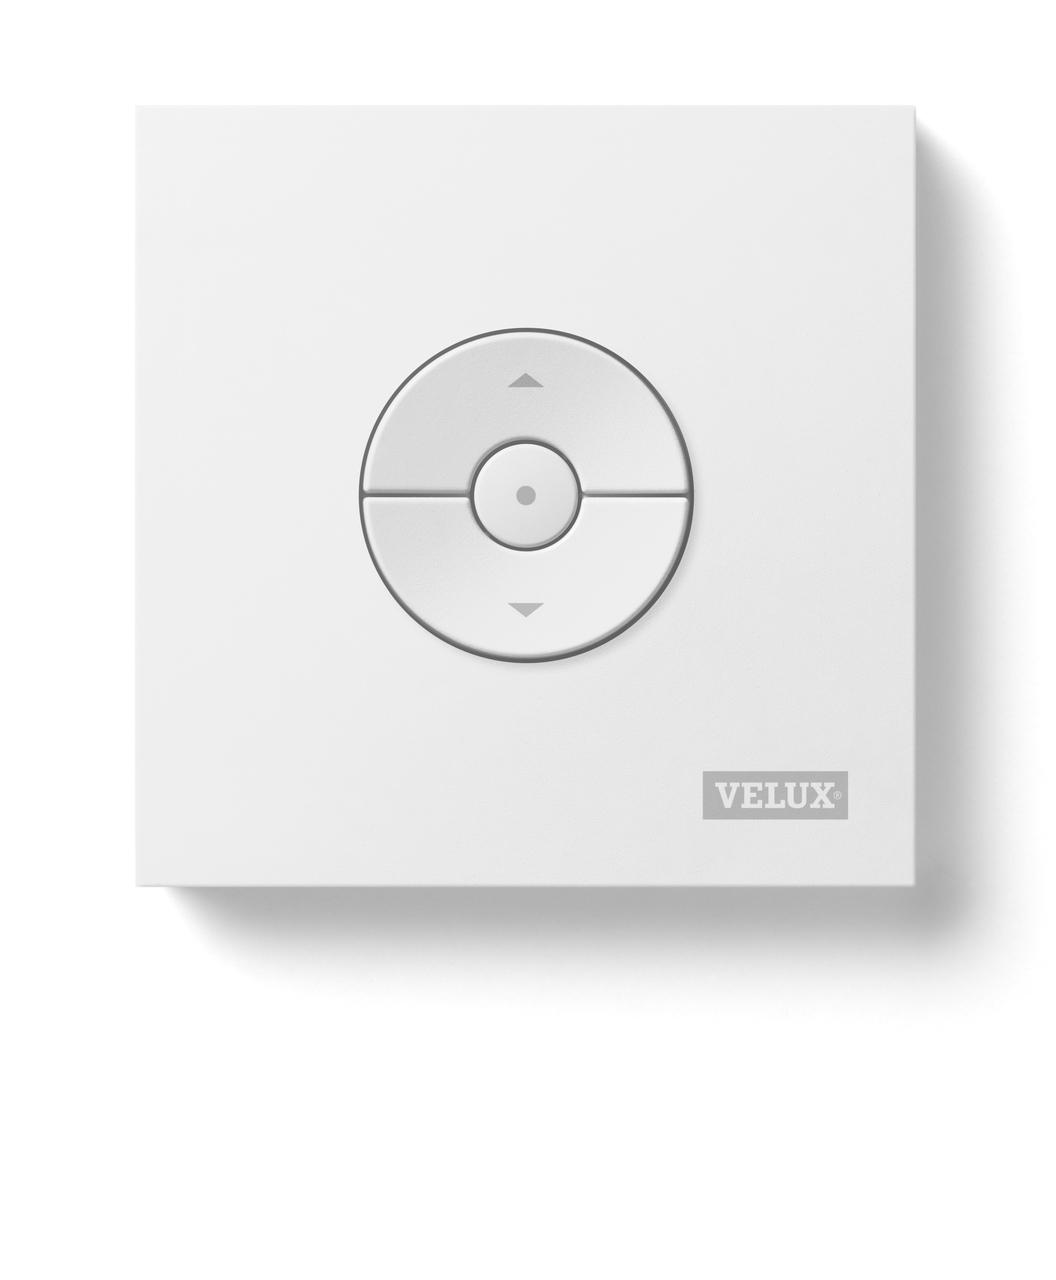 Kli 310 velux come fare for Lucernario elettrico velux